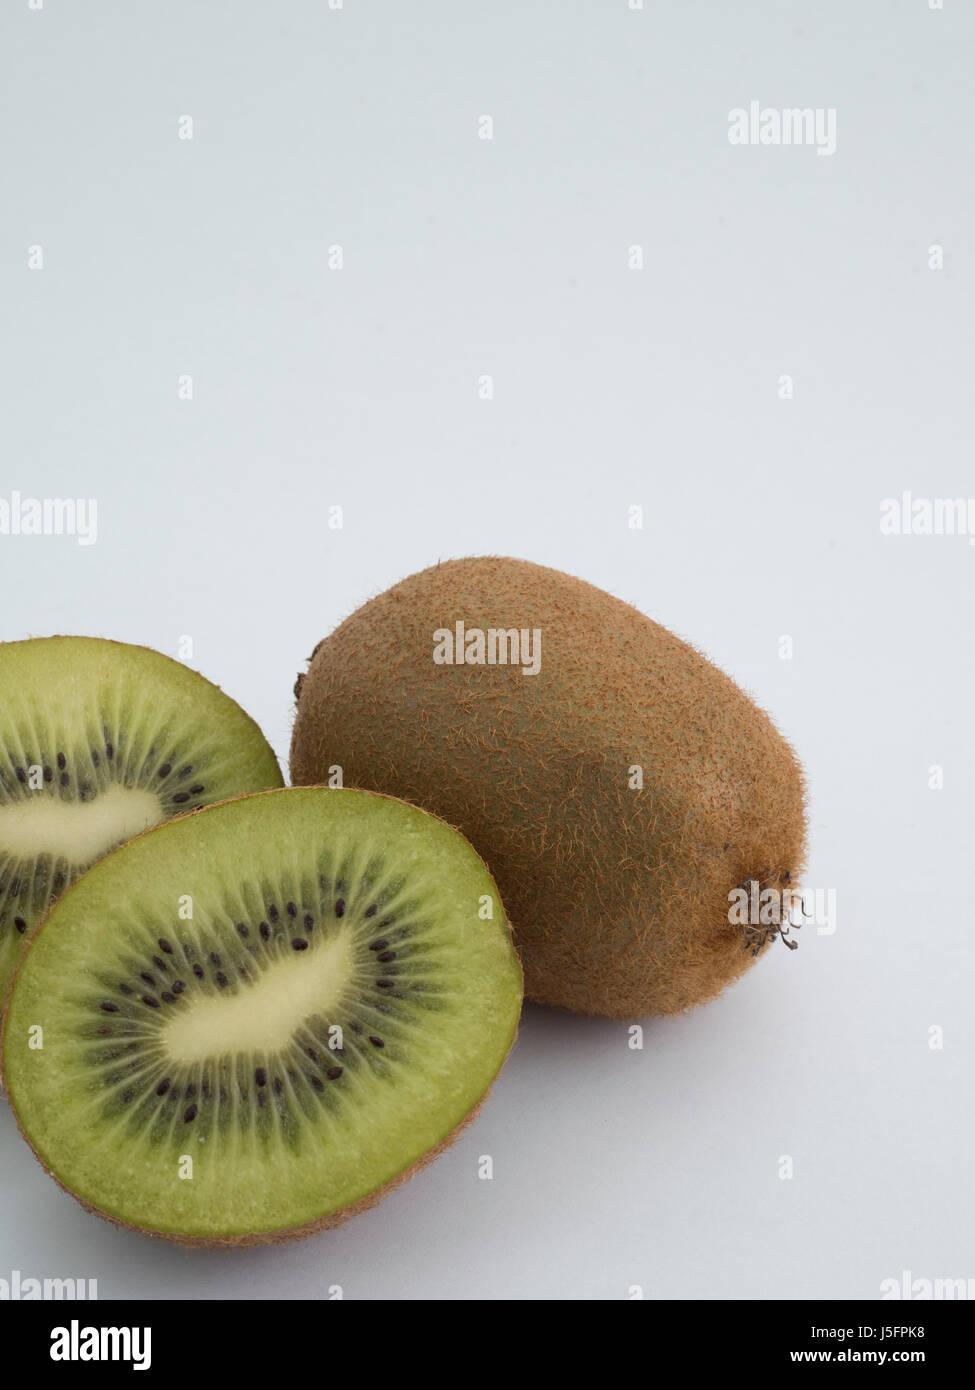 Kiwifruit - Stock Image